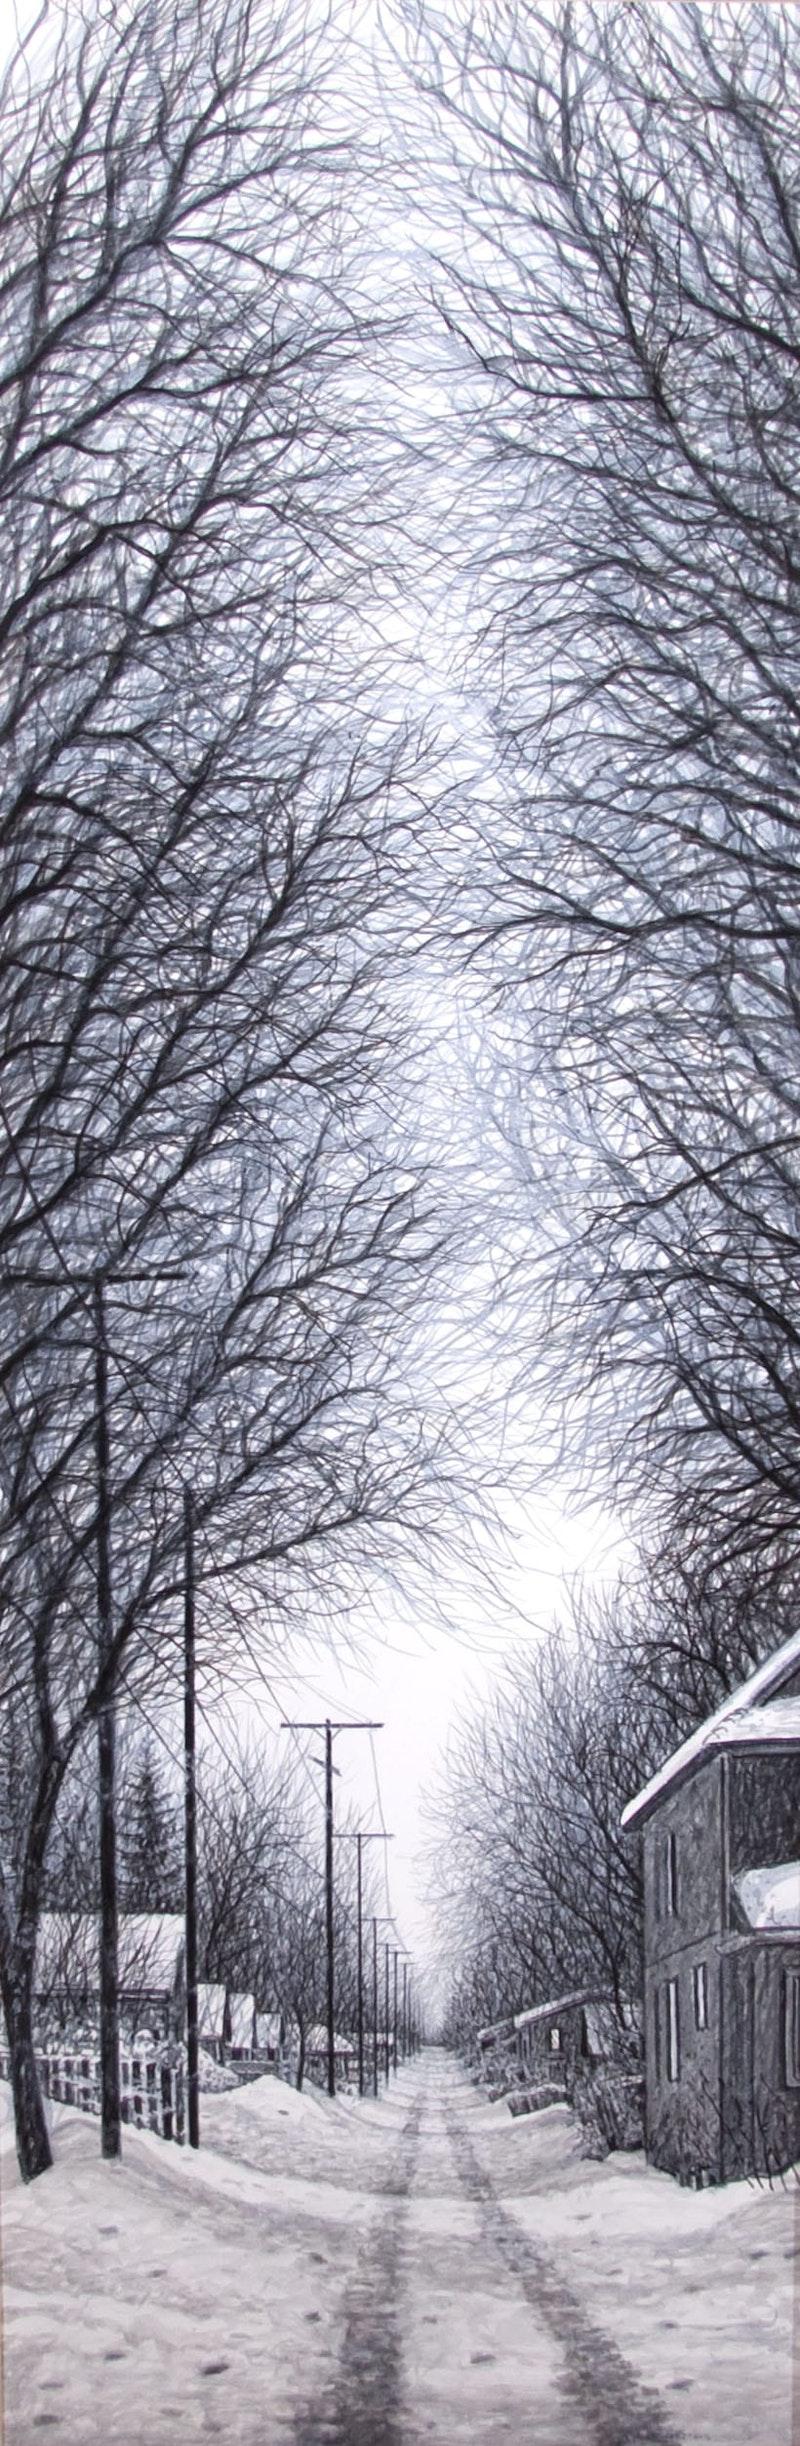 Silver Lane Image 1